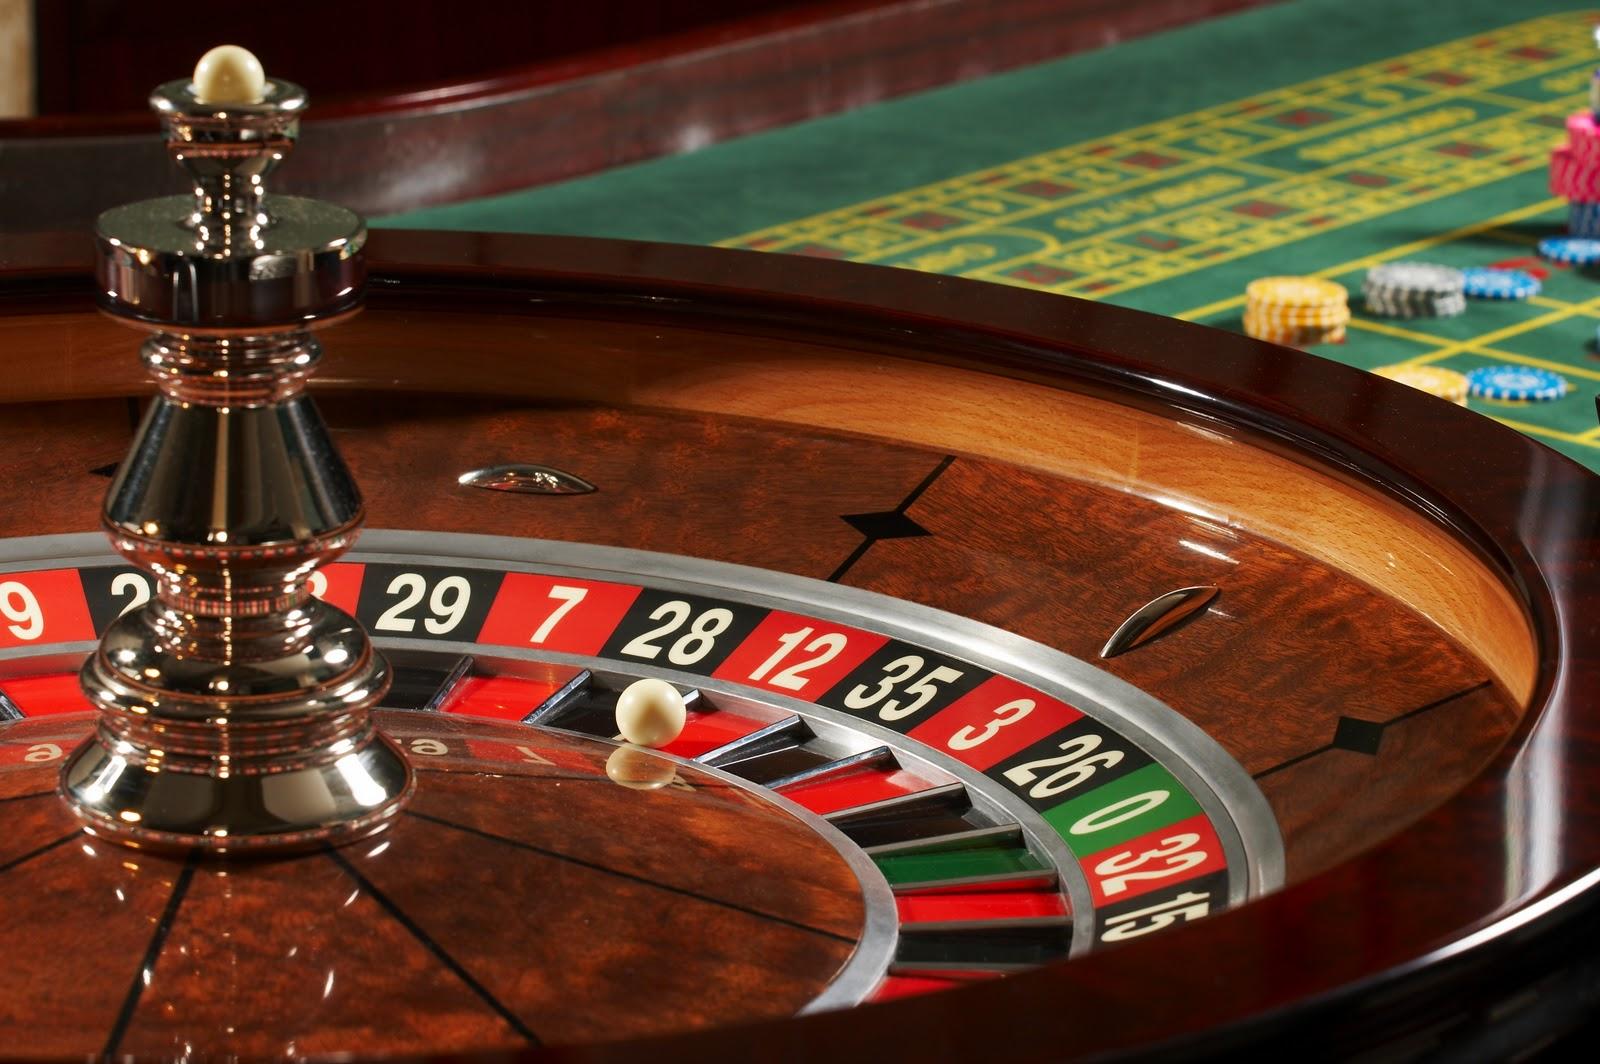 Jeux de roulette en ligne : les meilleurs casinos où jouer !